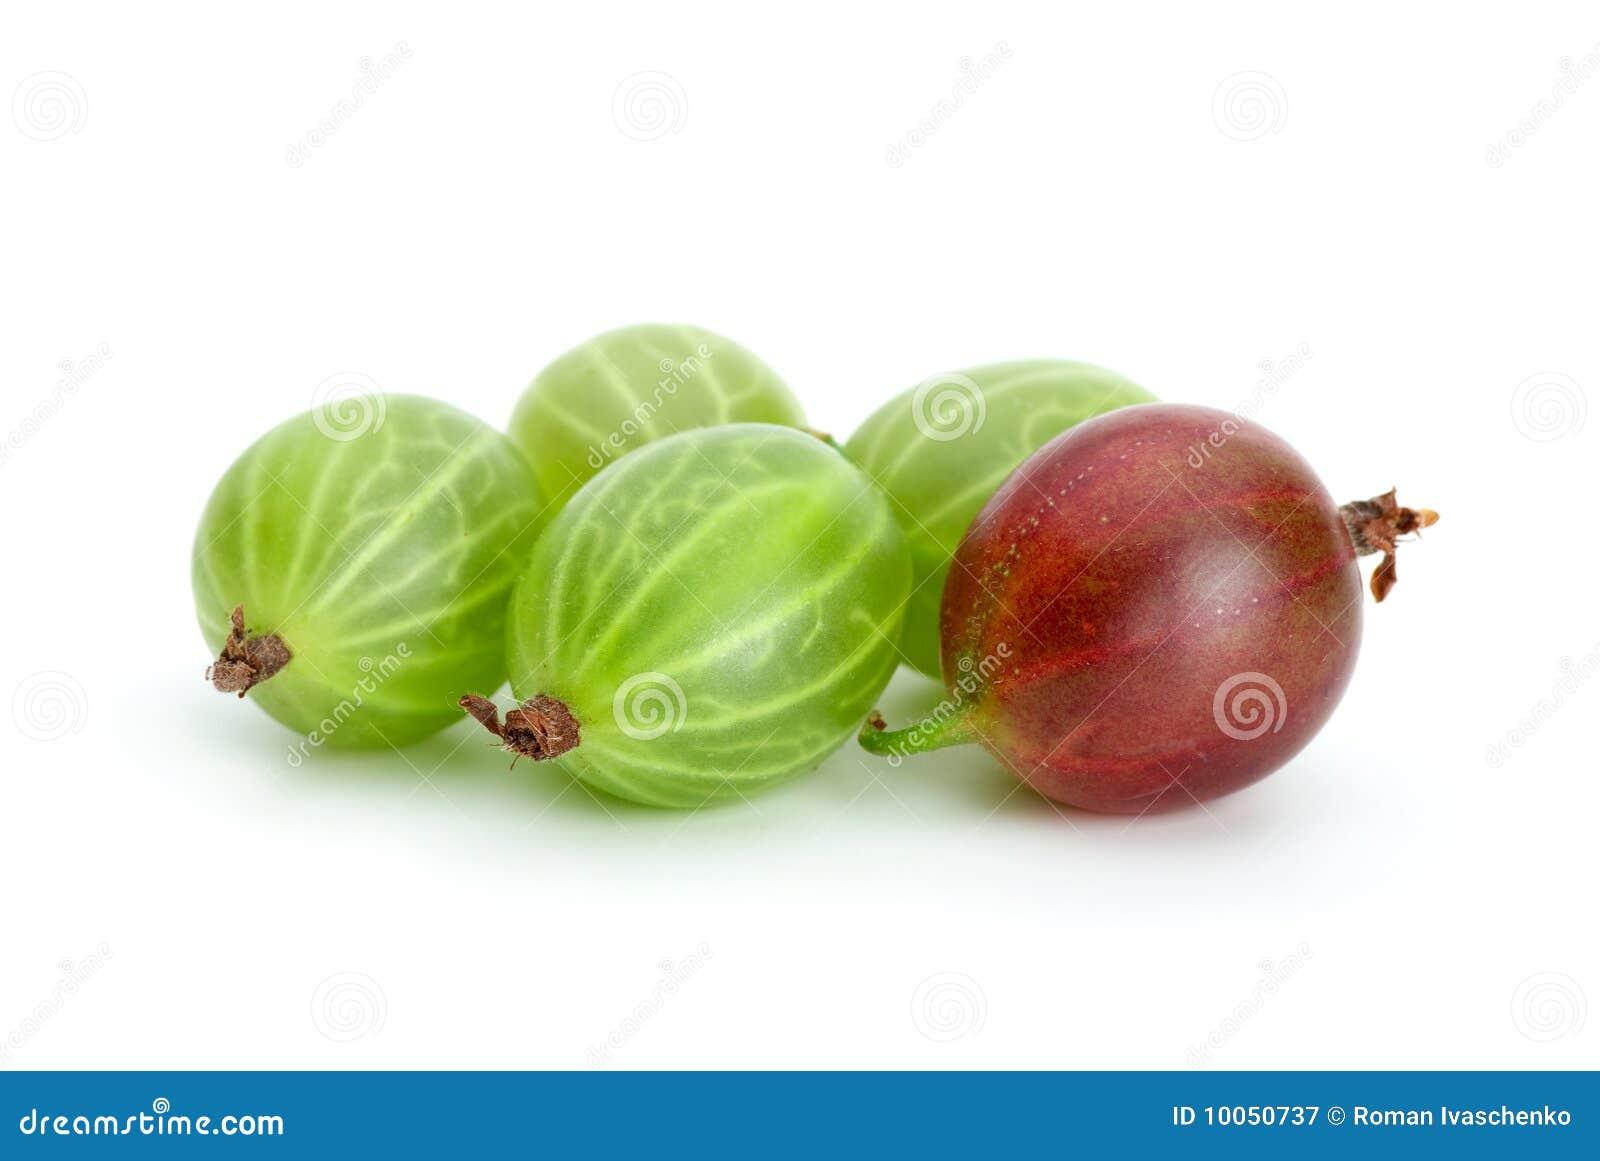 Alguns gooseberries verdes e vermelhos